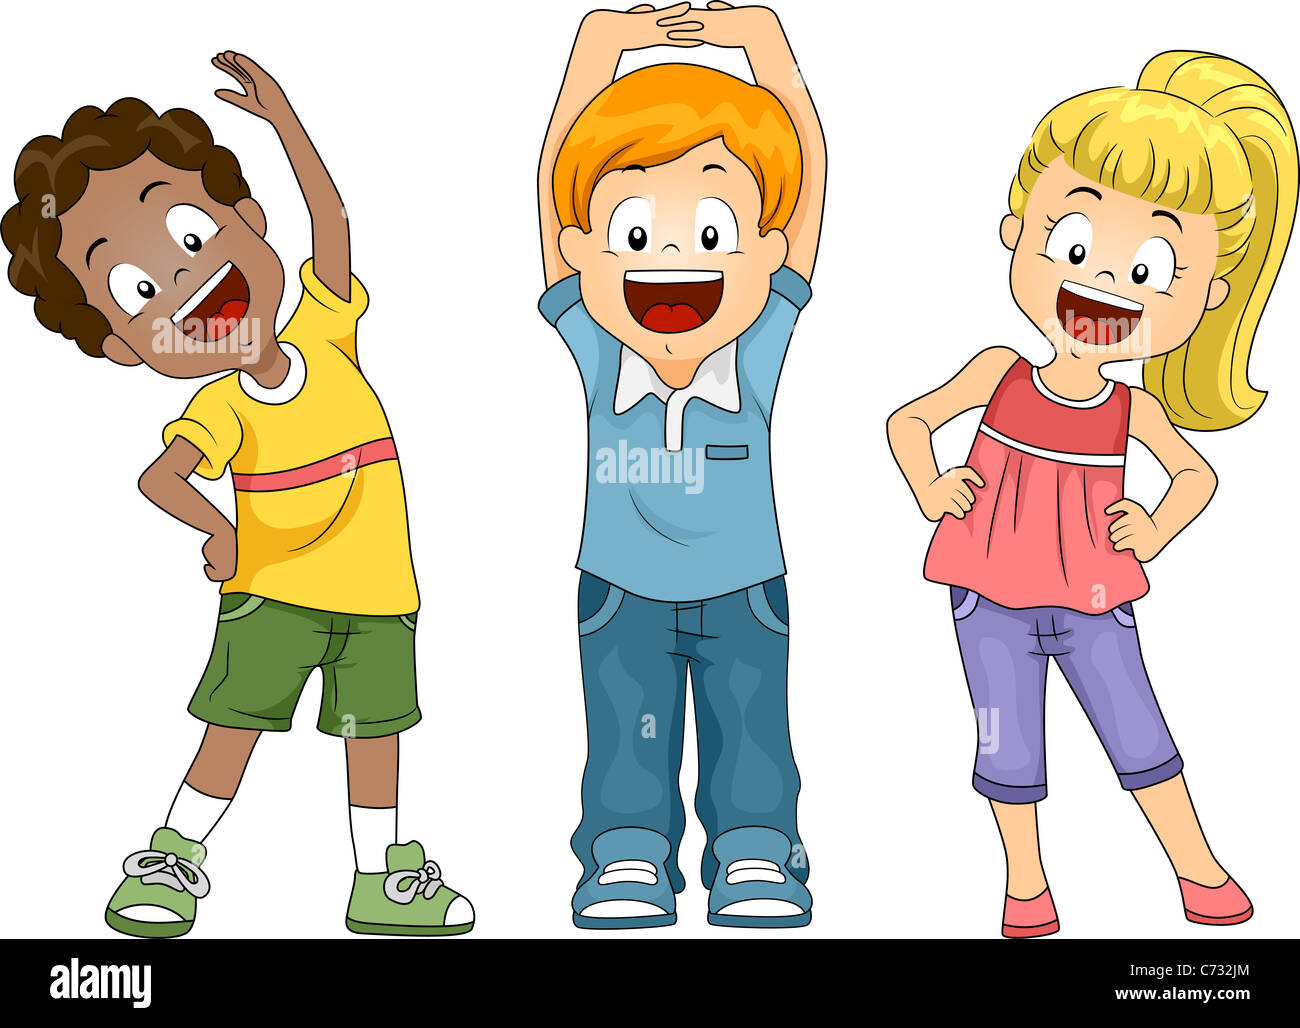 Illustration Of Kids Exercising Stock Photo Alamy